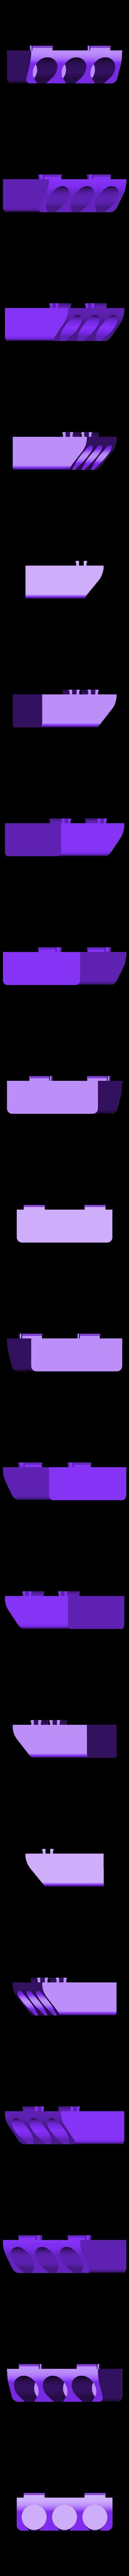 IPAHolder_Triple_v1.stl Télécharger fichier STL gratuit IPA/support de flacon pulvérisateur de solvant pour l'extrusion V-Slot 2020 • Design à imprimer en 3D, Daeraxa